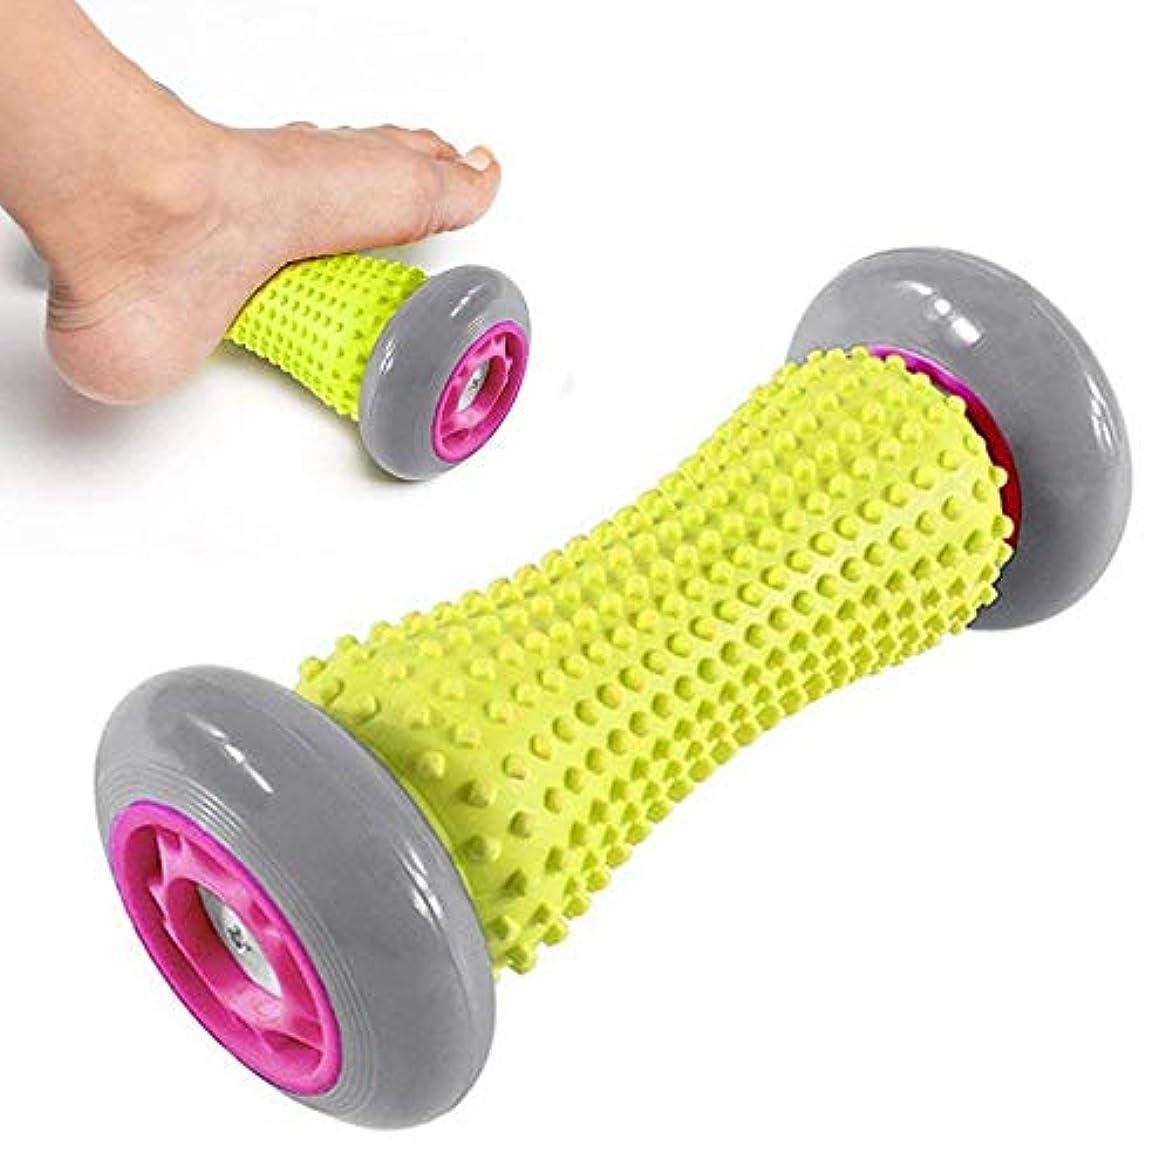 四回順応性苦しむフットマッサージローラー アーチの痛みと足底筋膜炎を和らげ、指圧マッサージツールマッスルリラックスローラースティックリリース 首/肩/腰/背中/太もも/小腿/足マッサージャー 腰痛?肩コリ?筋肉痛改善